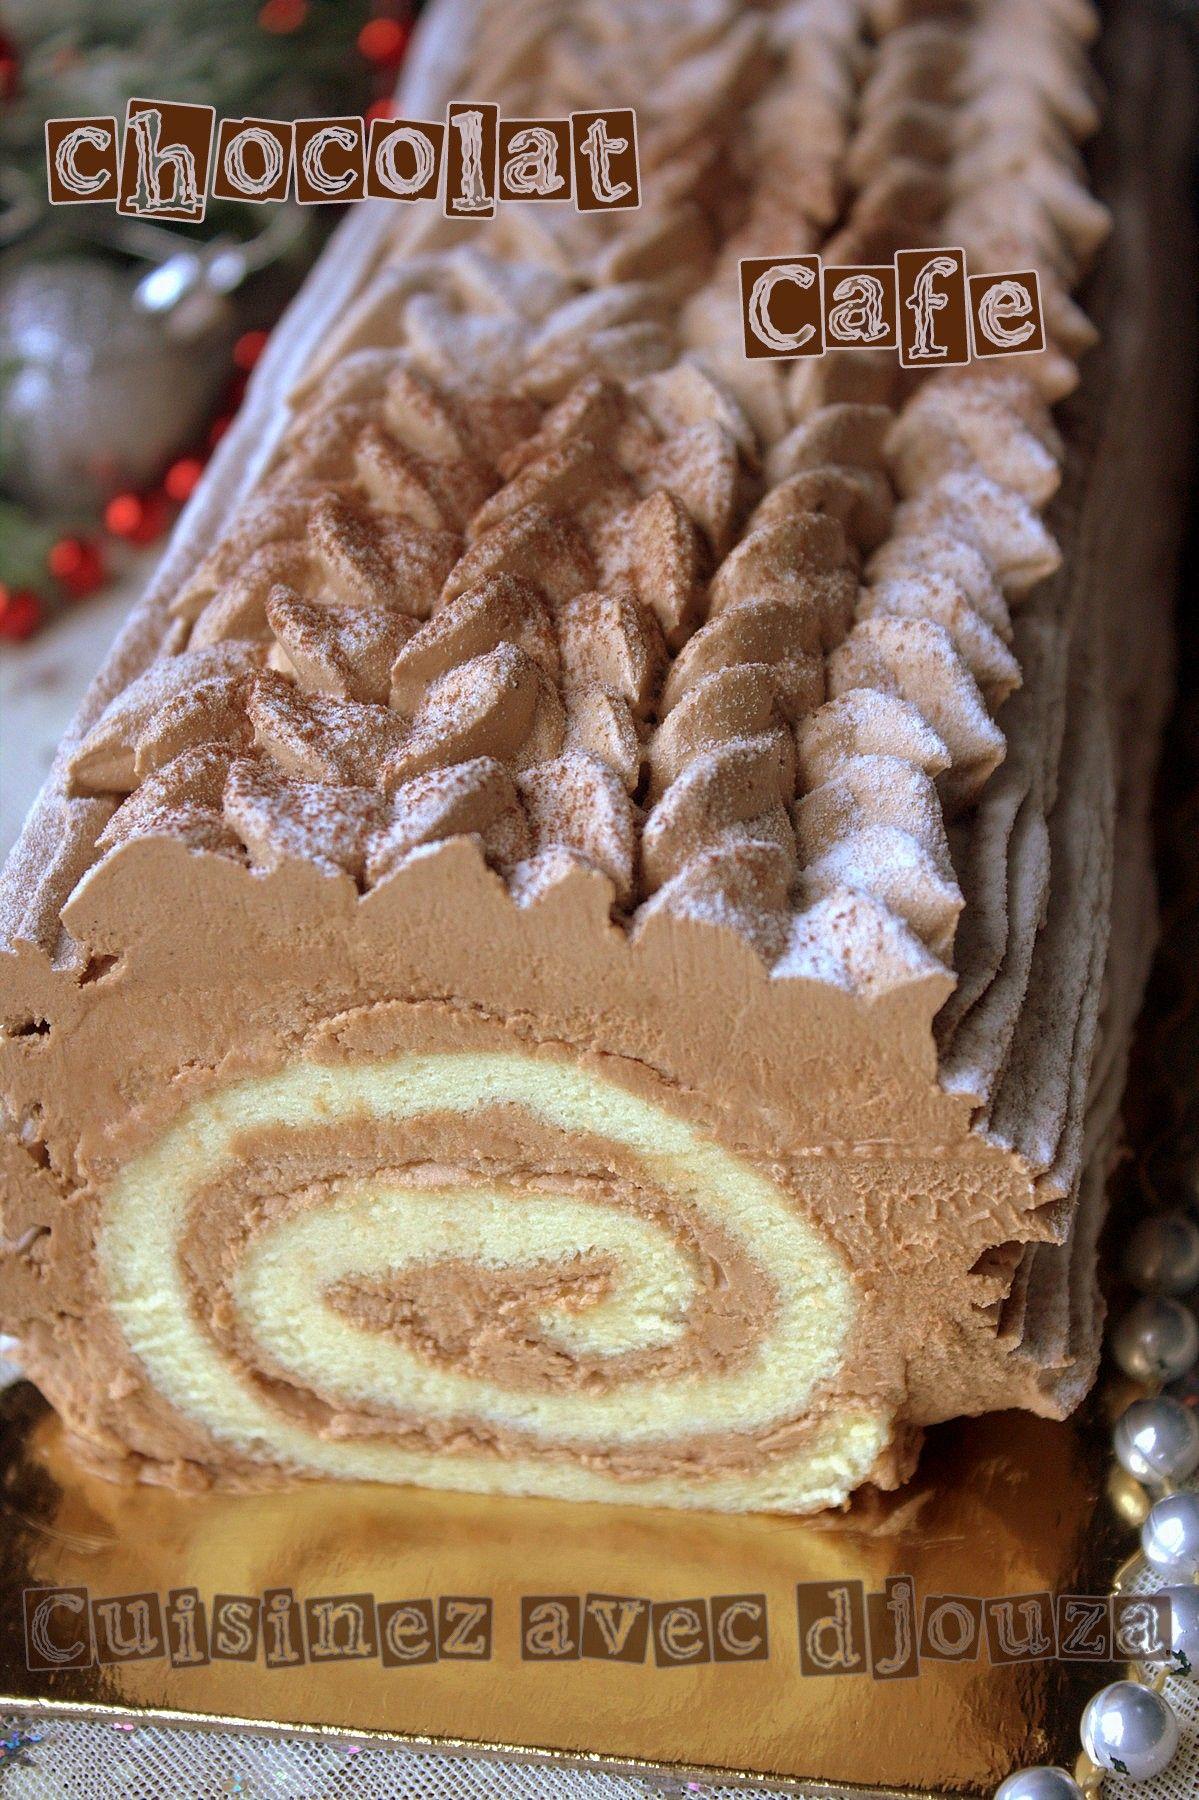 Buche de no l facile pour d butant chocolat caf patisserie pinterest buche de noel facile - Buche de noel facile et legere ...